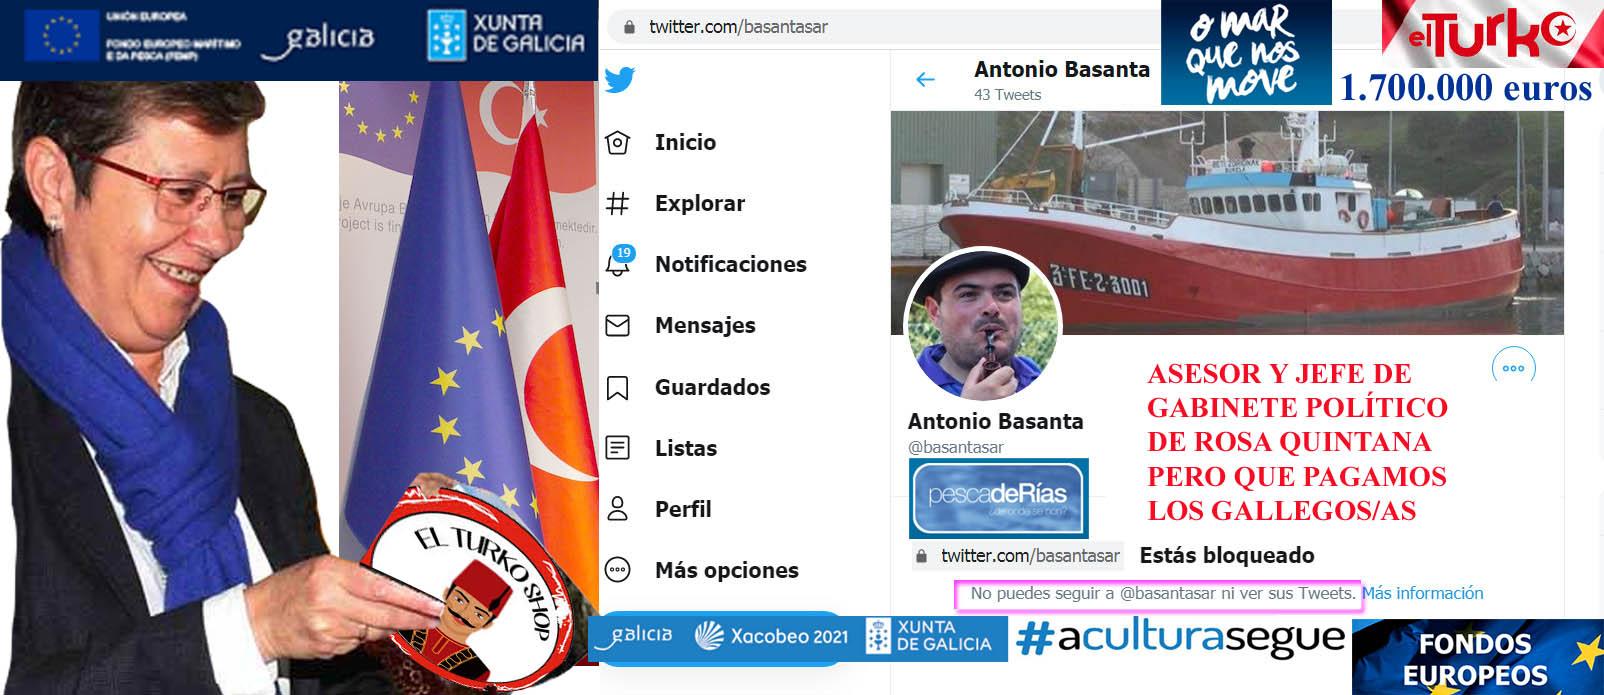 Galicia ya no pinta nada en Europa y le prohíben la entrada a Rosa Quintana,  tras las informaciones sobre fondos europeos del AINE, Antonio Basanta y el  Sahara publicadas por Xornal Galicia. -